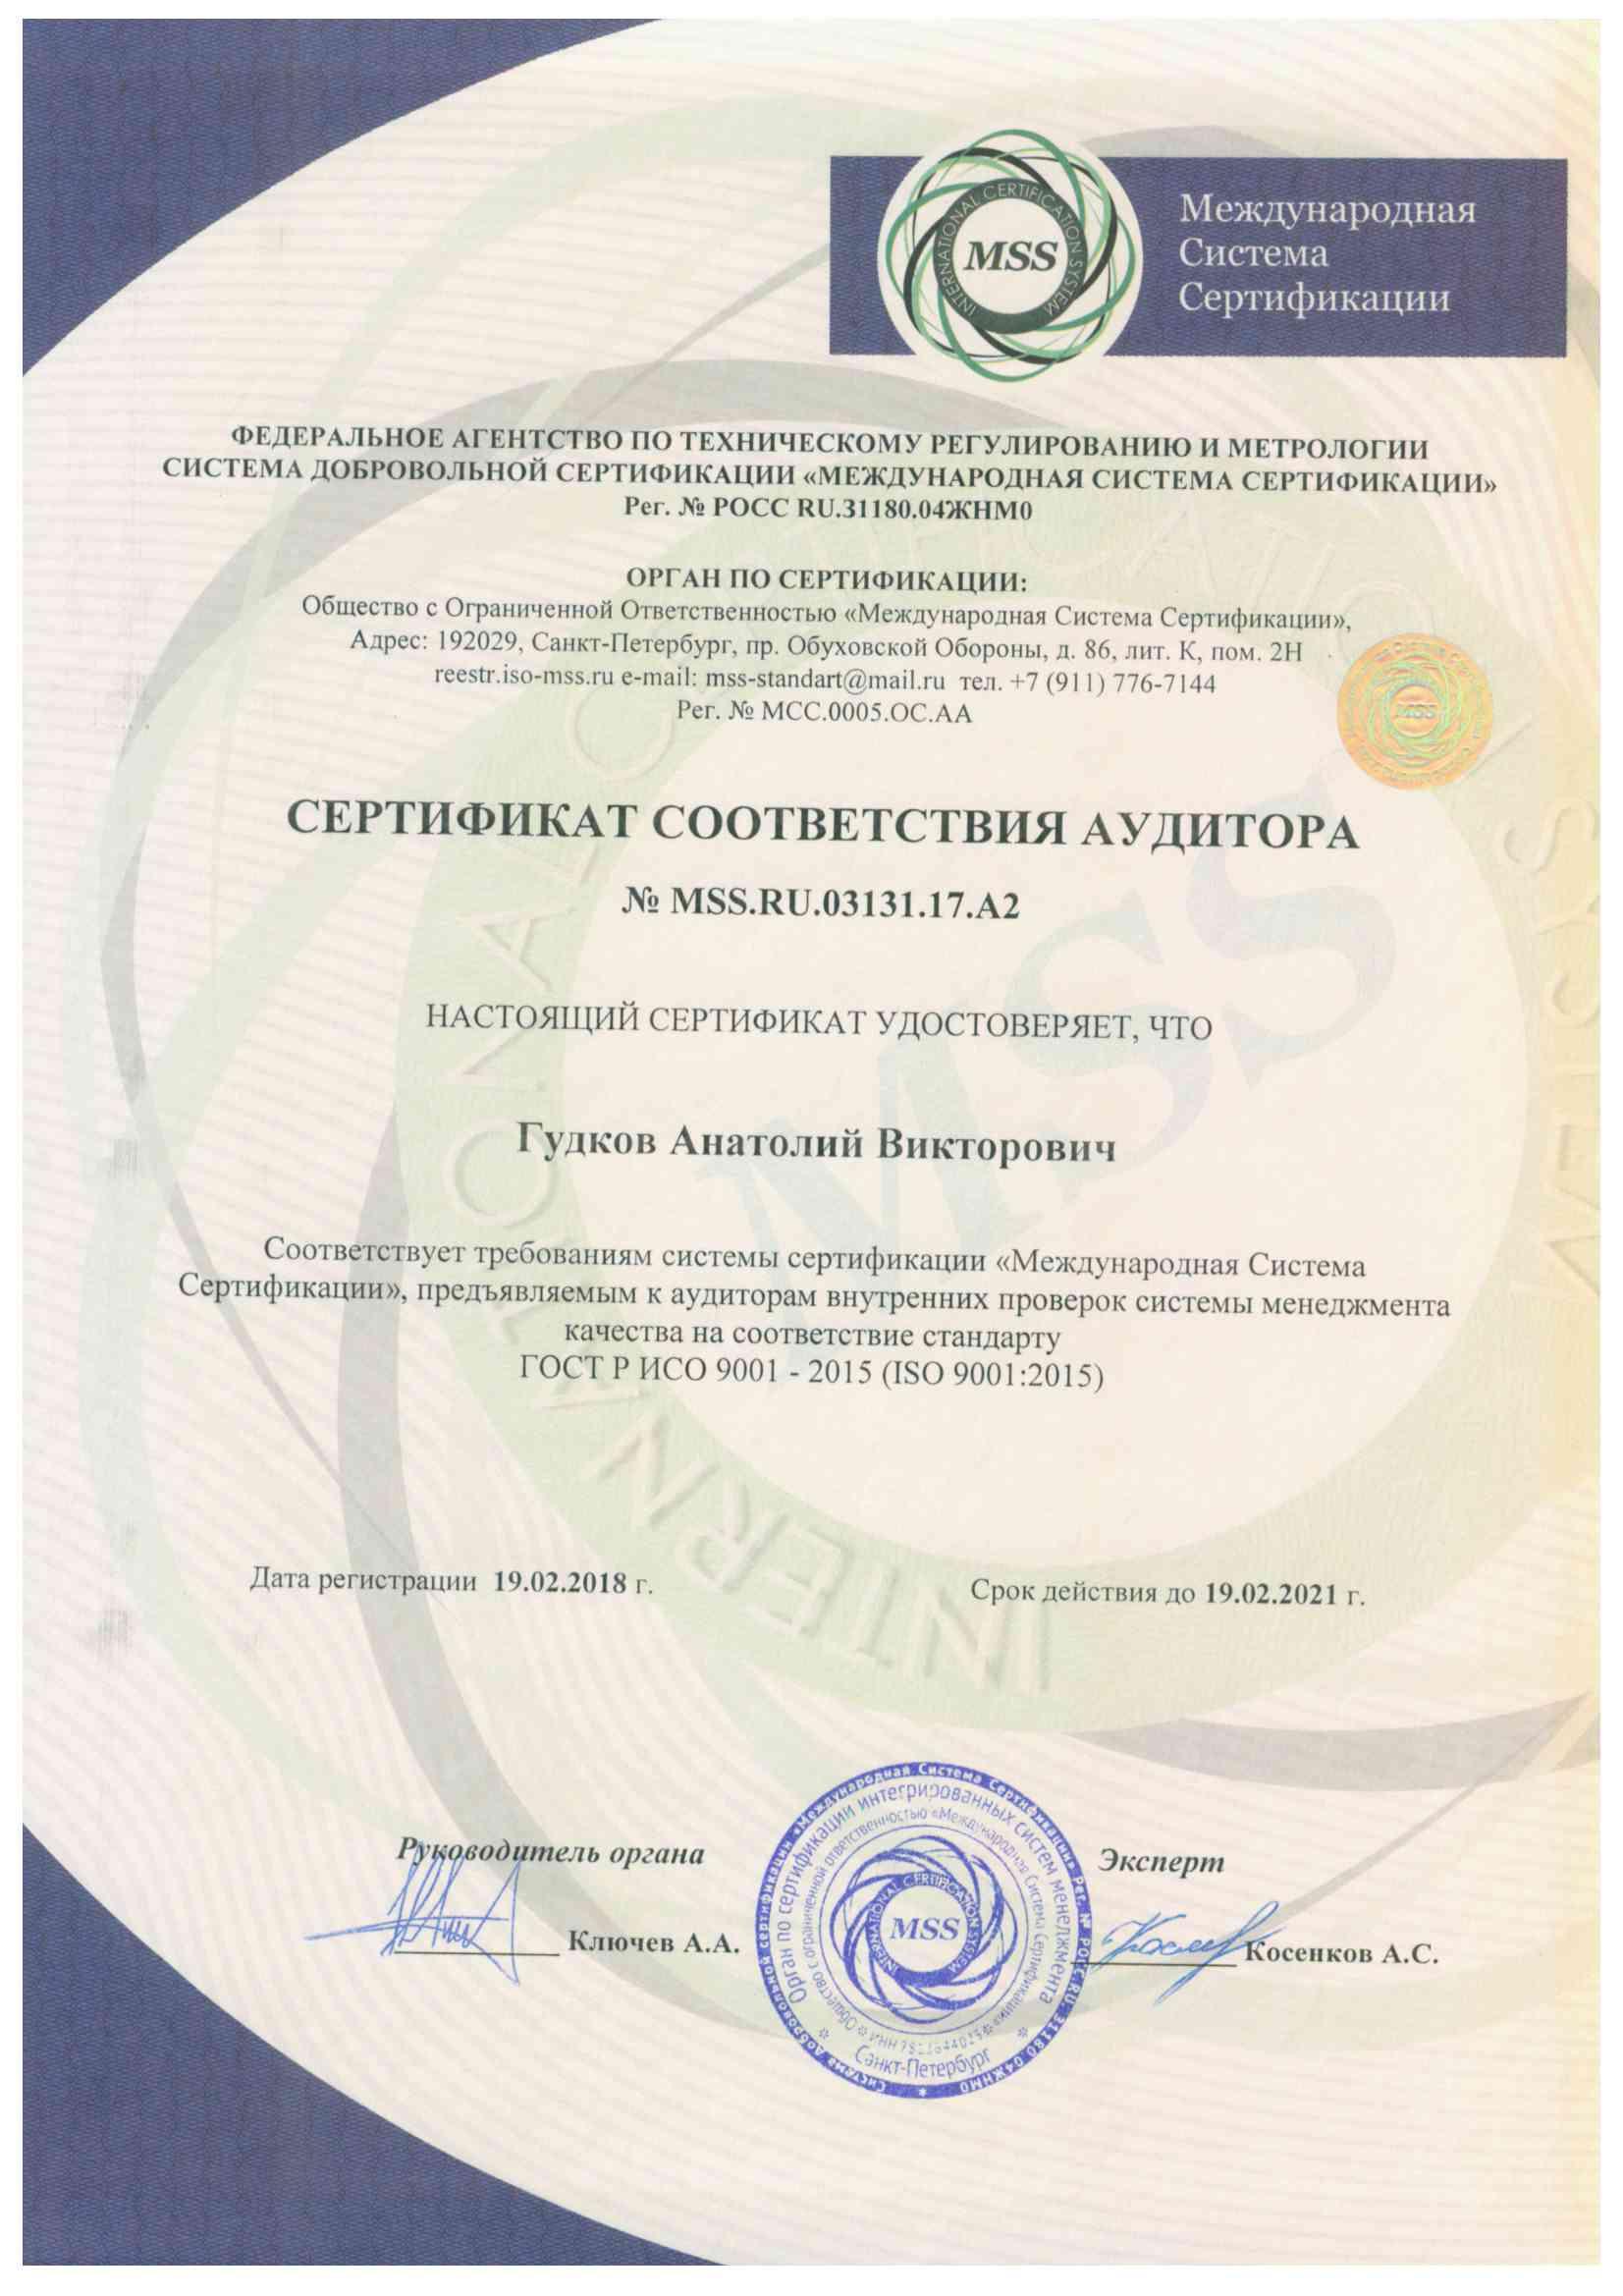 ISO 9001-2015 аудитор Гудков А.В.